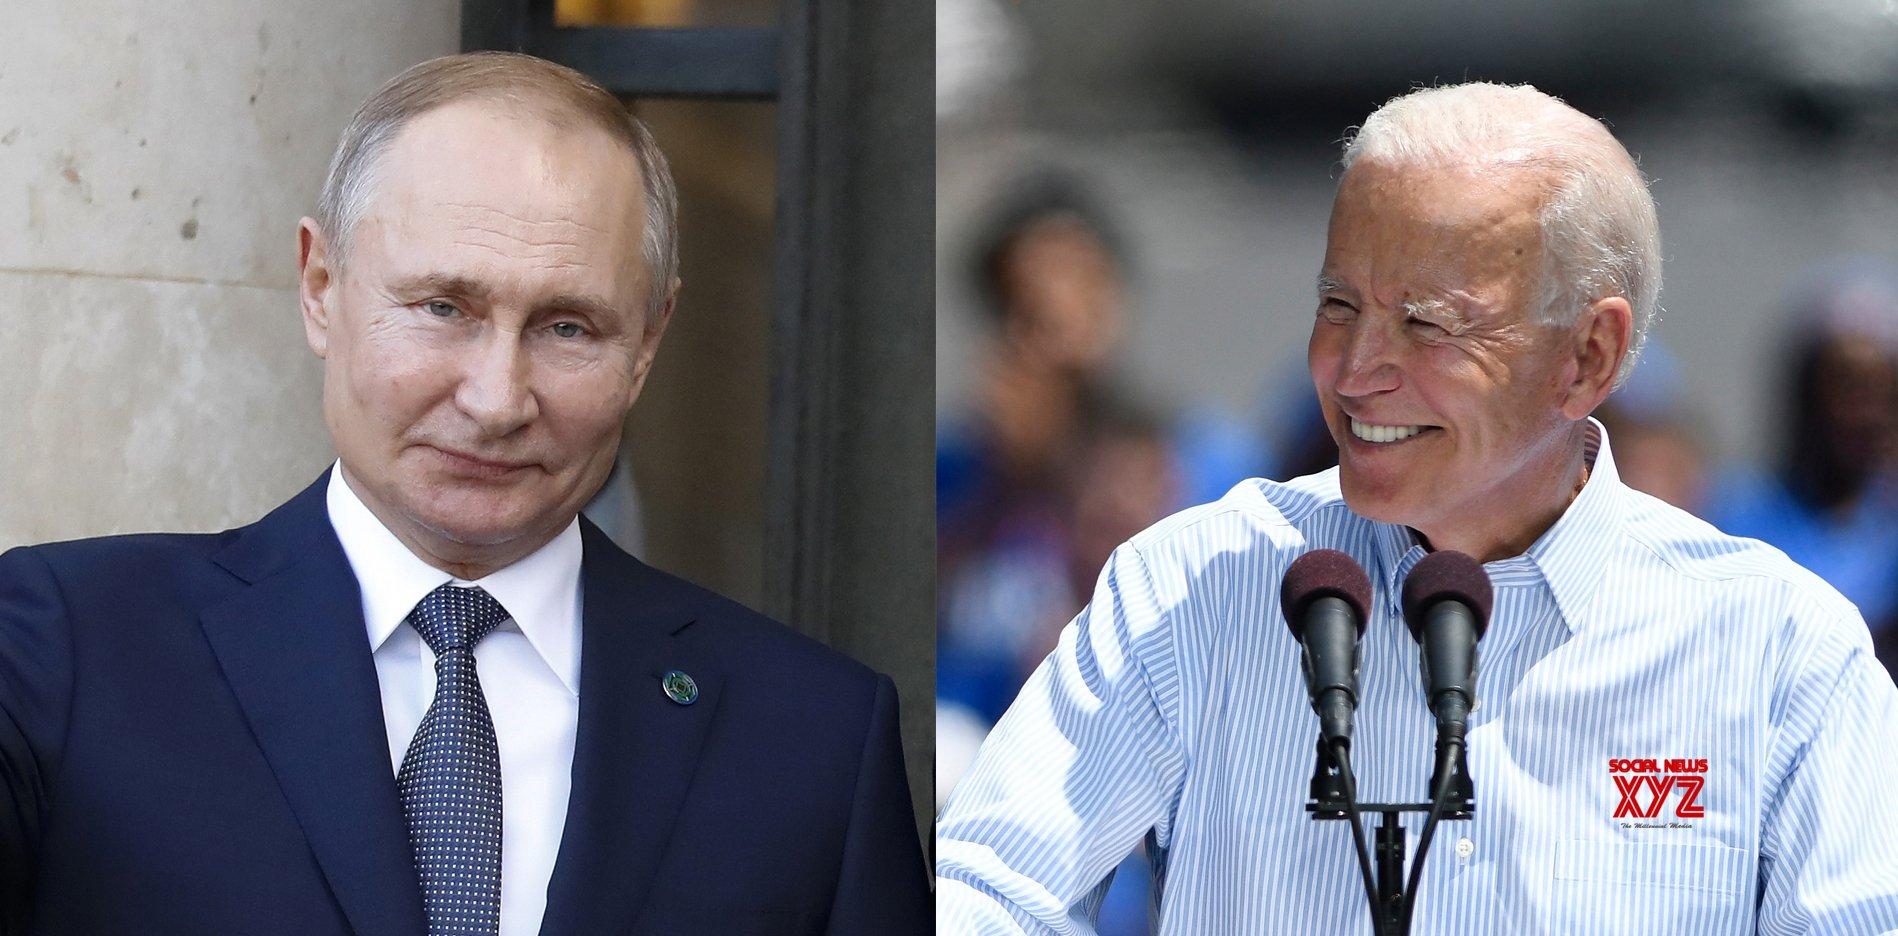 Biden hopes to meet Putin during Europe trip in June